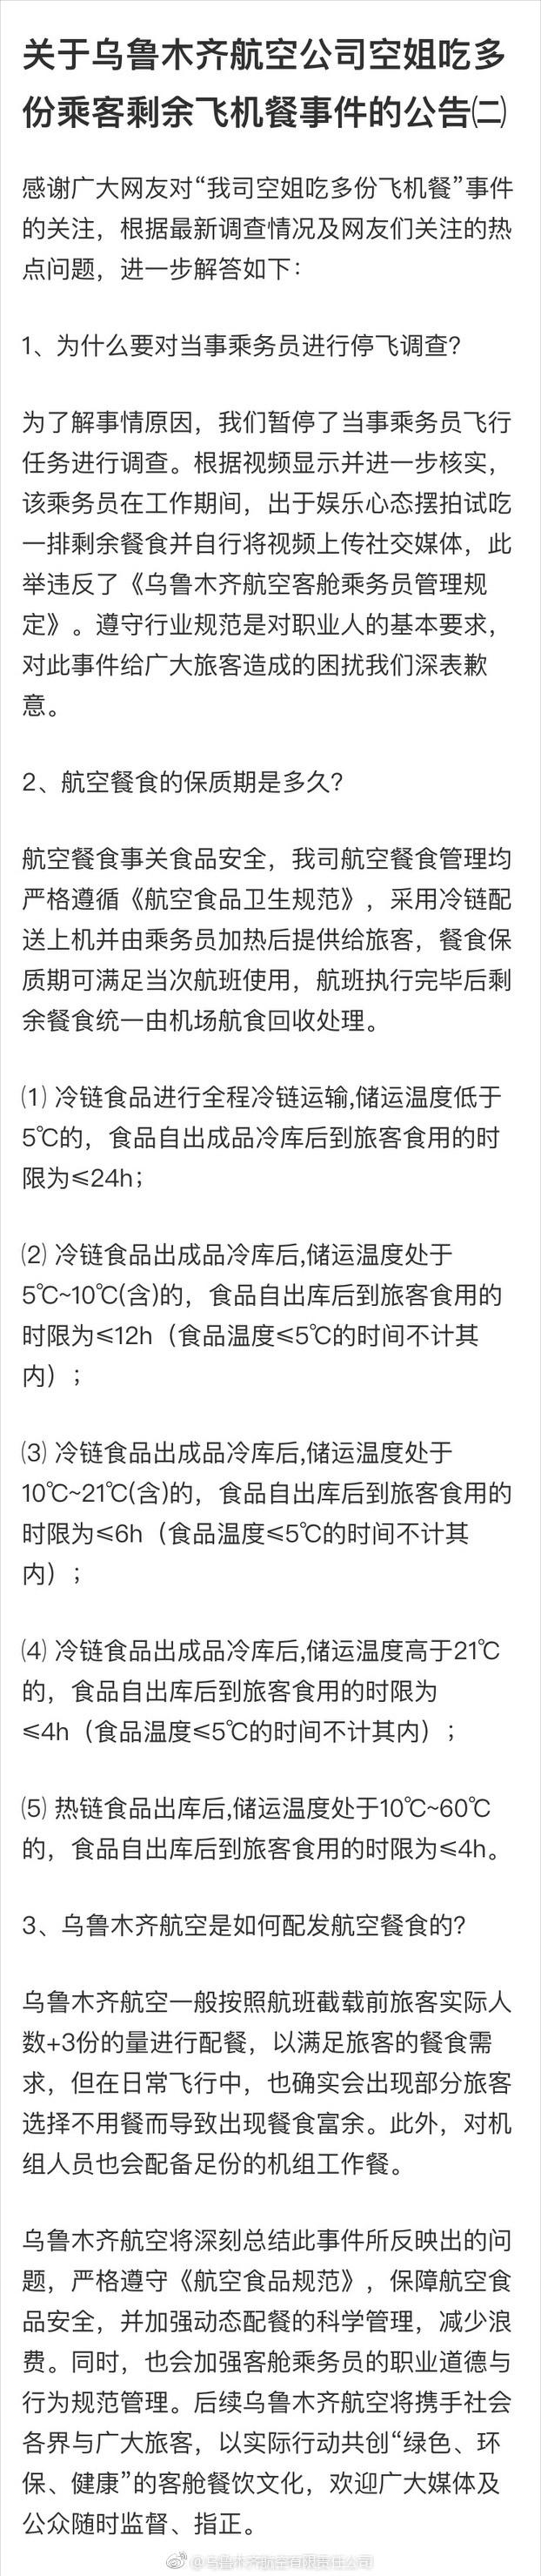 """乌航再回应""""空姐试吃飞机餐"""":系娱乐摆拍试吃违规"""